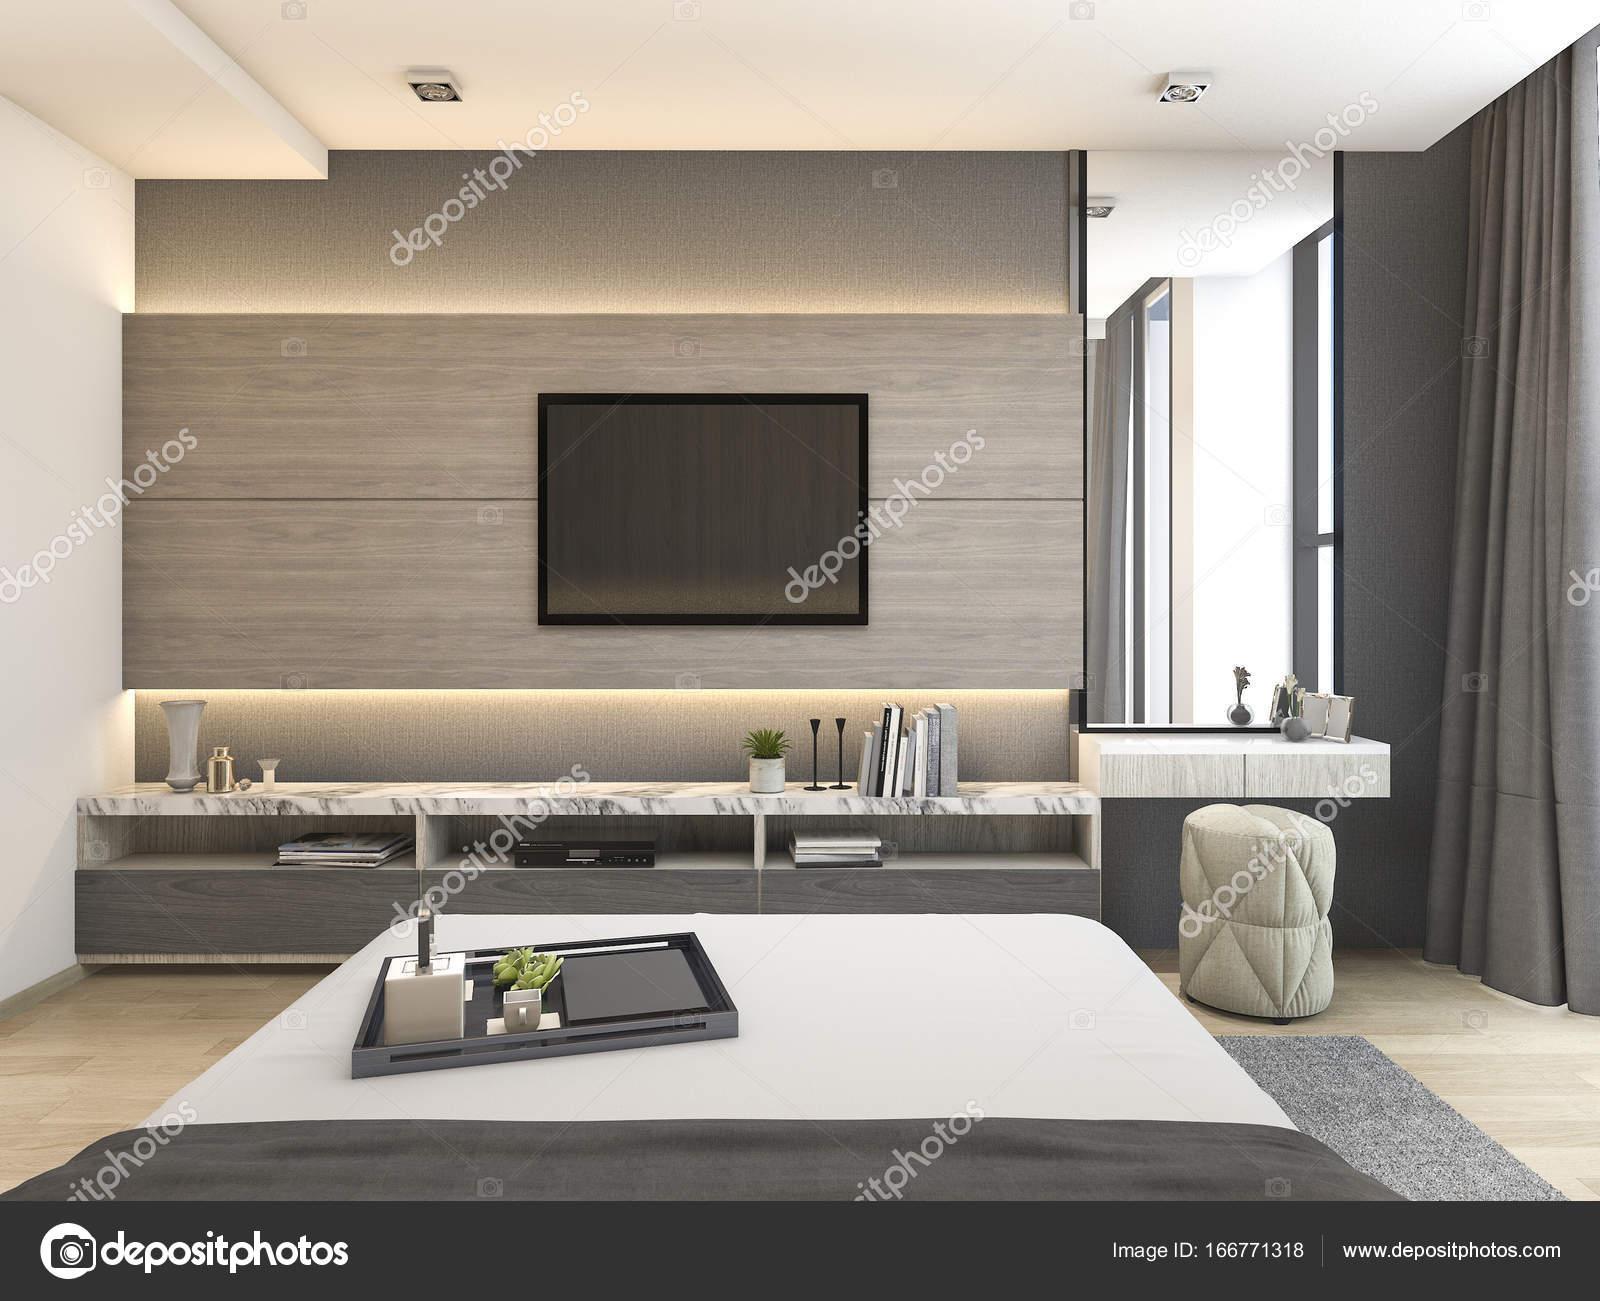 Immagini Di Camere Da Letto Con Cabina Armadio : Suite camera da letto moderna di lusso rendering d in hotel con